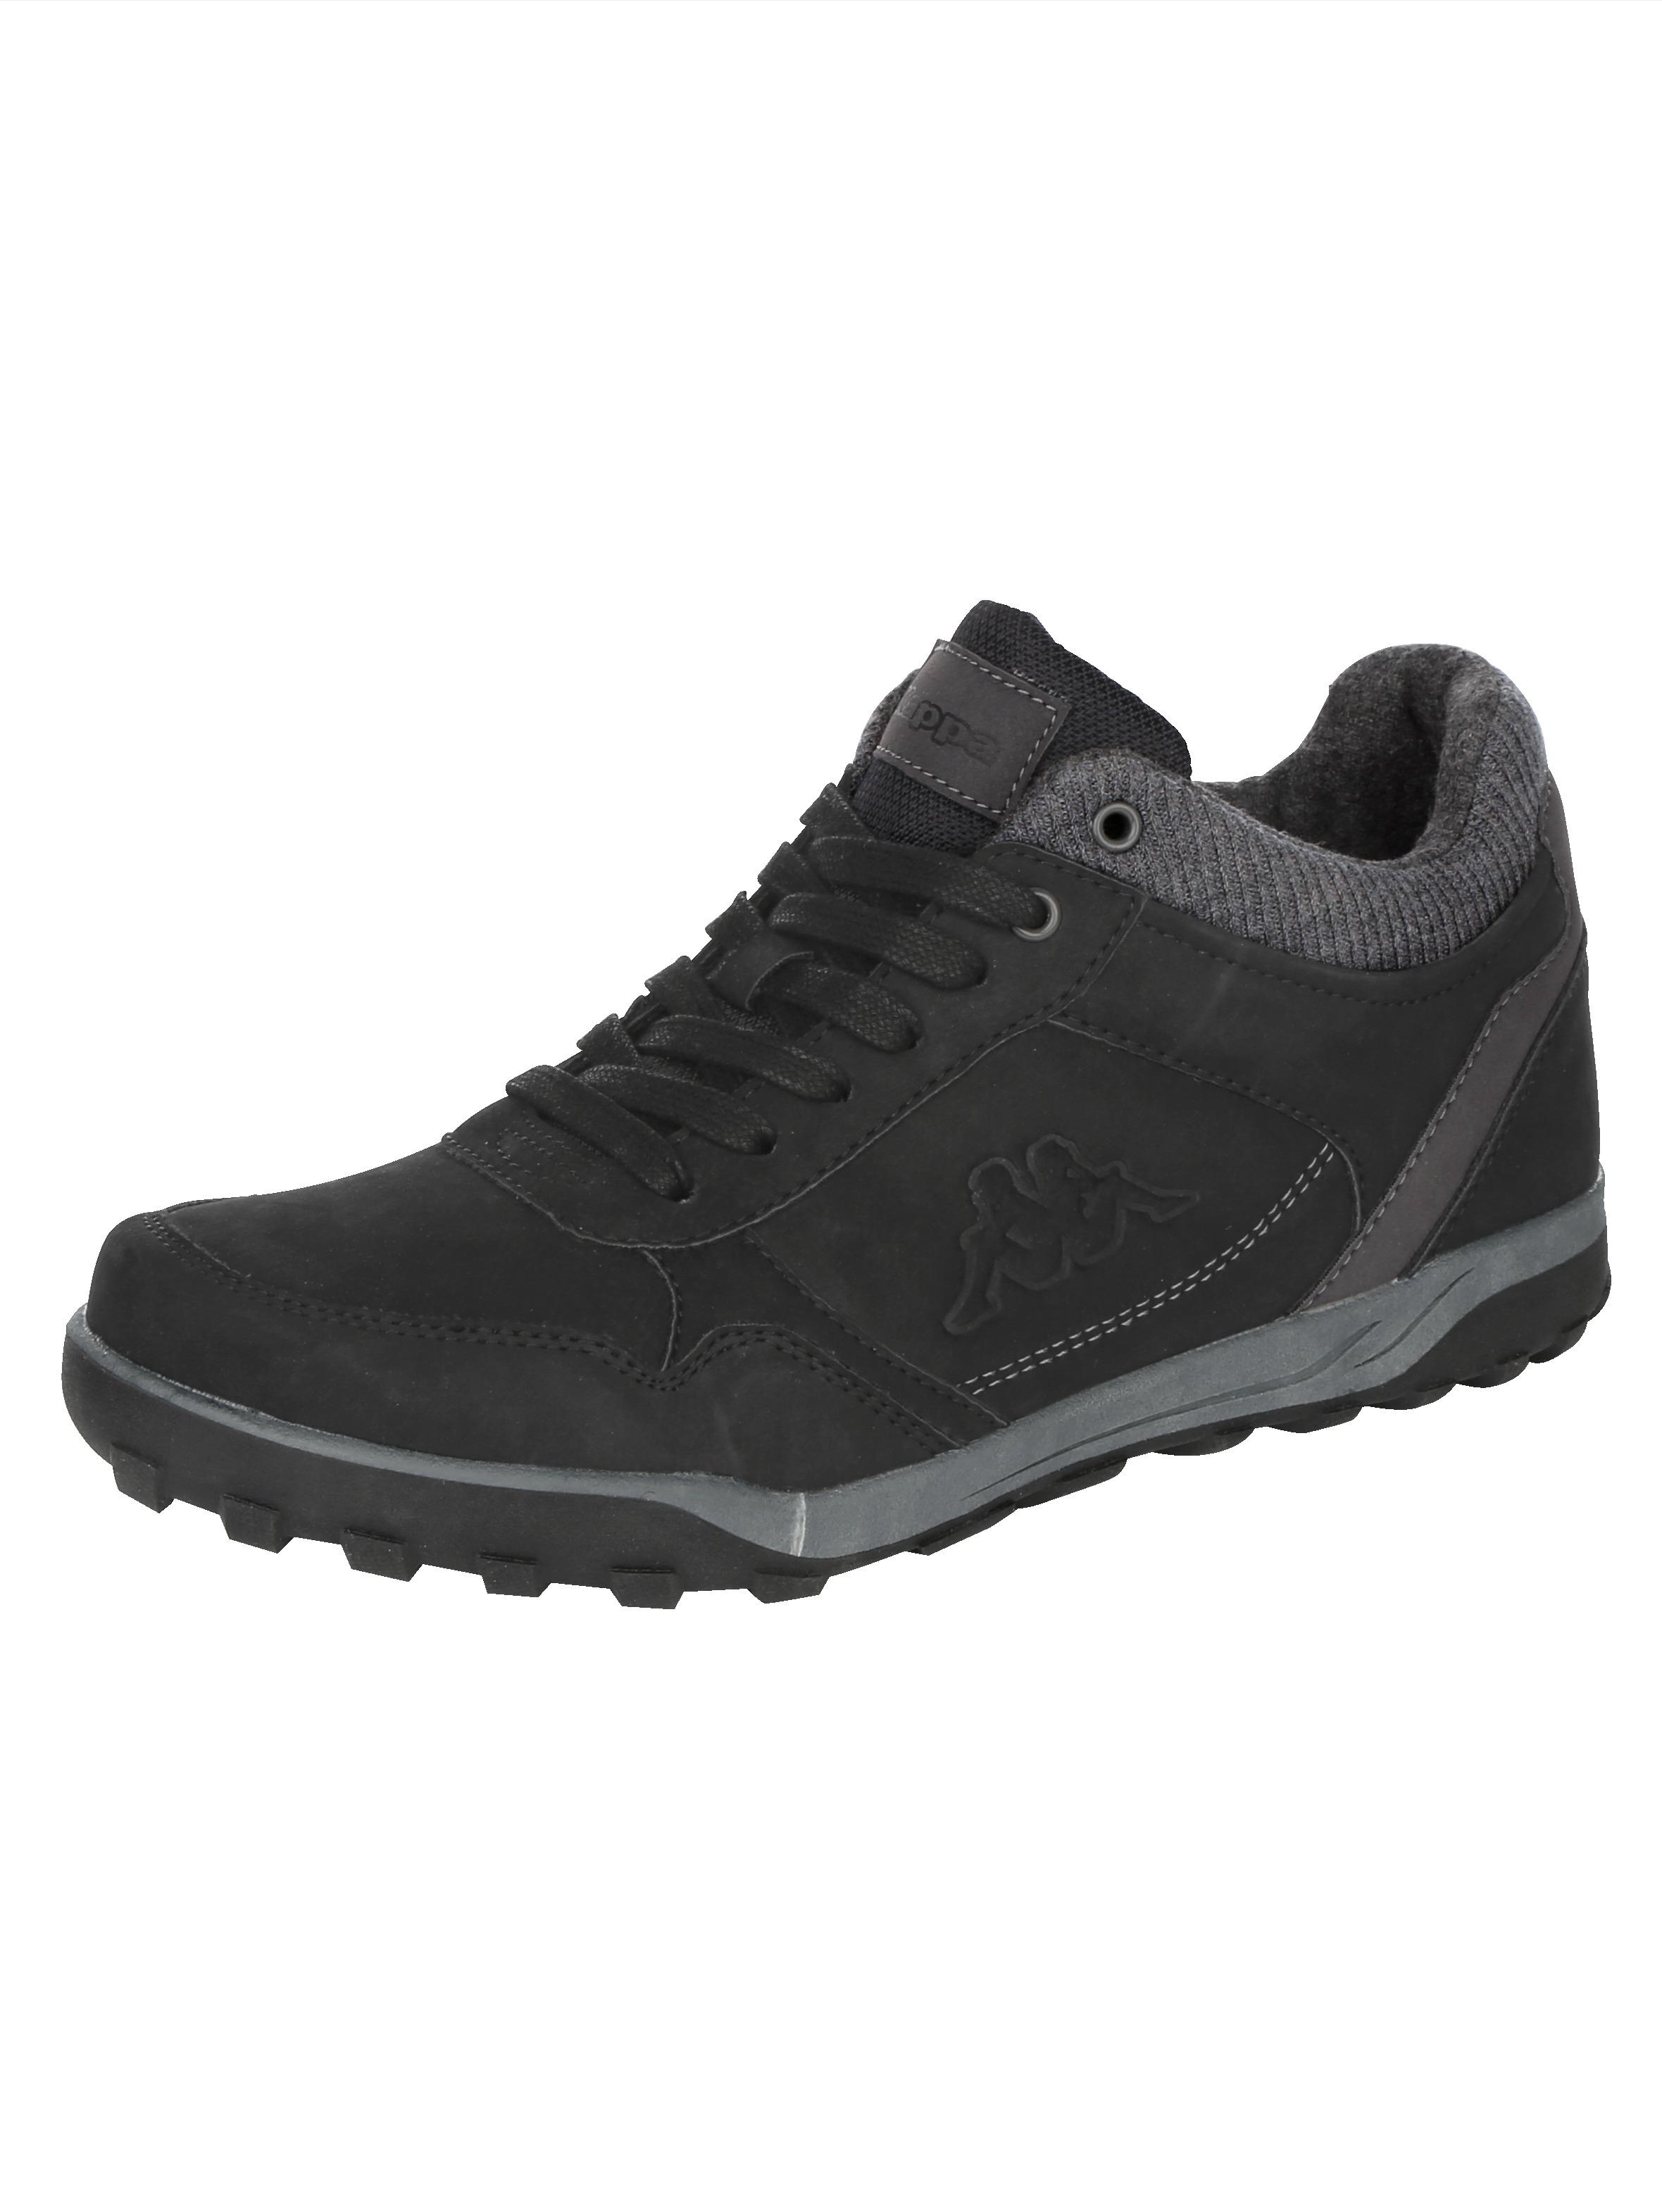 Šnurovacia obuv Kappa čierna šedá - Glami.sk c022a499f7